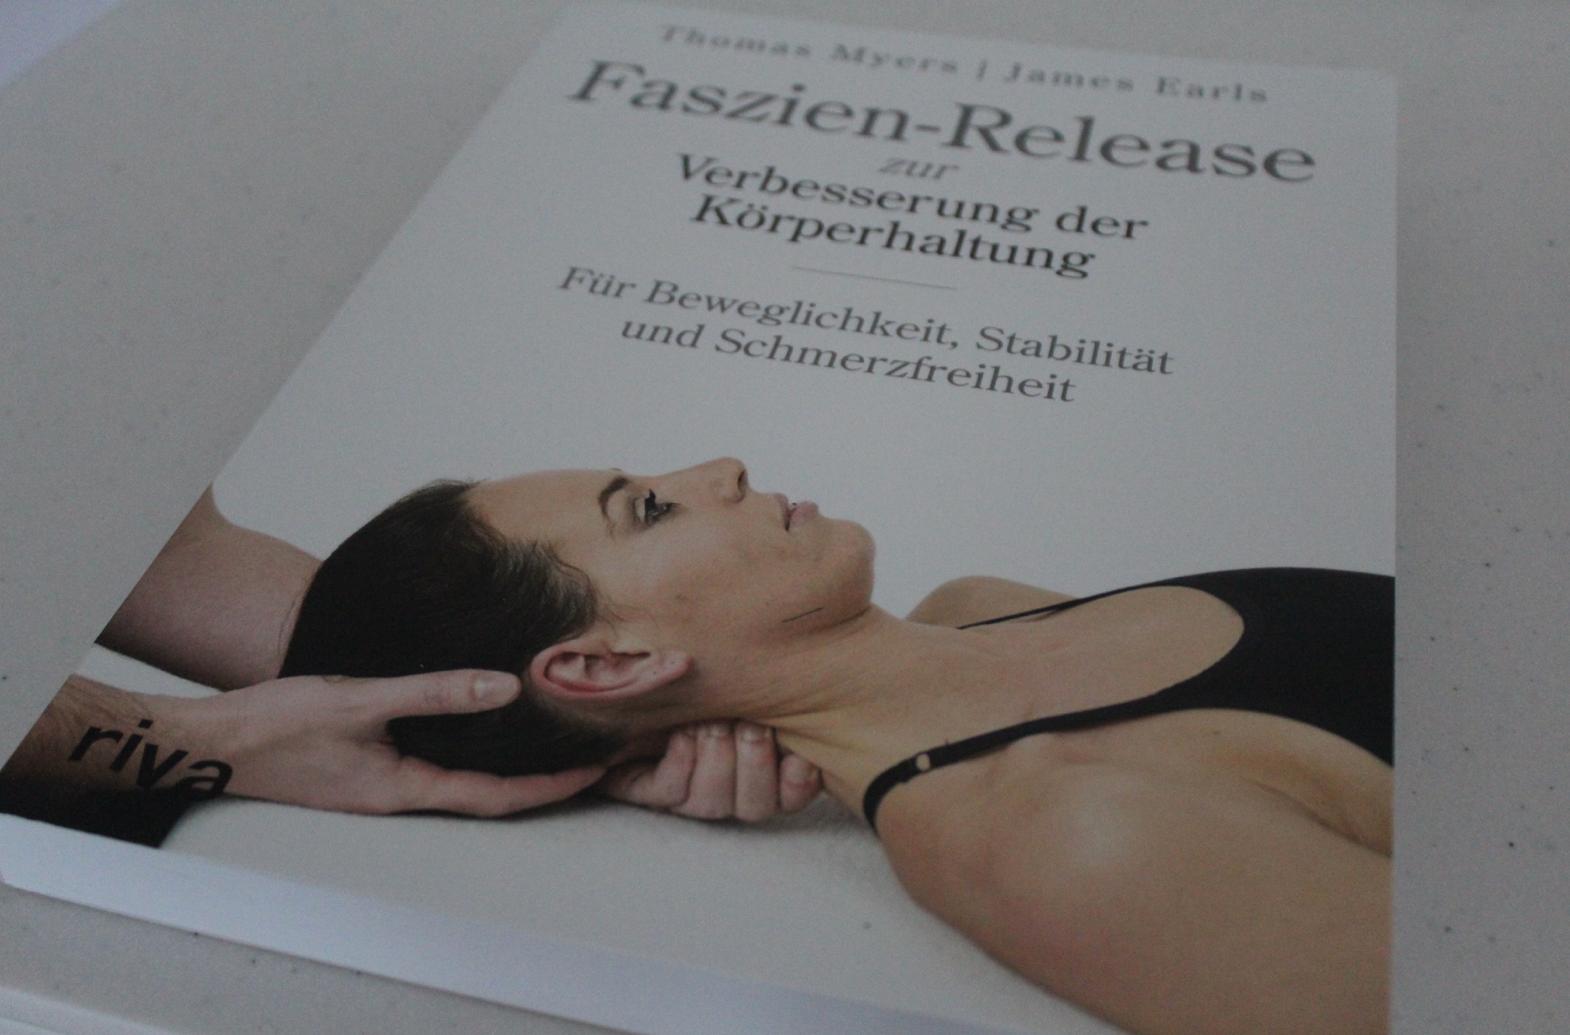 21 Faszien Release Buch